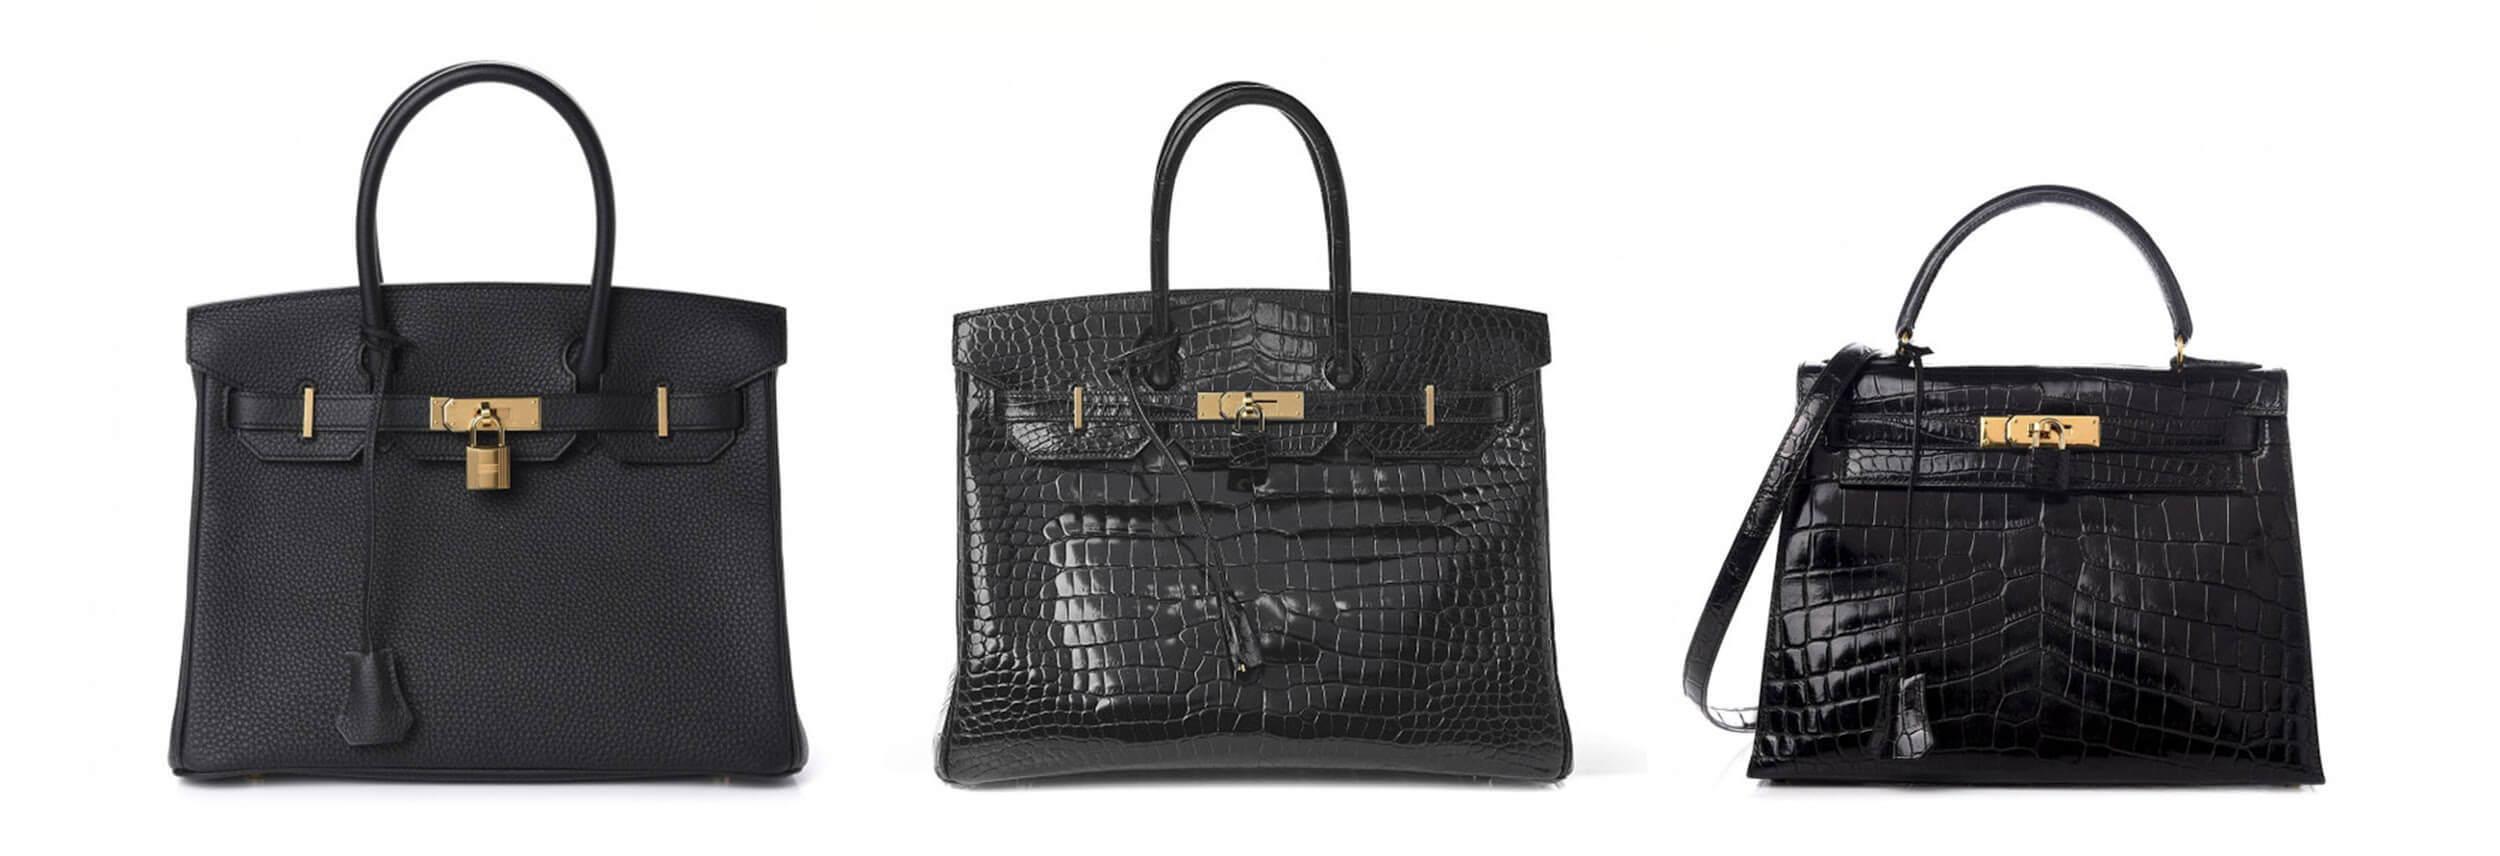 Three Black Hermes Bags